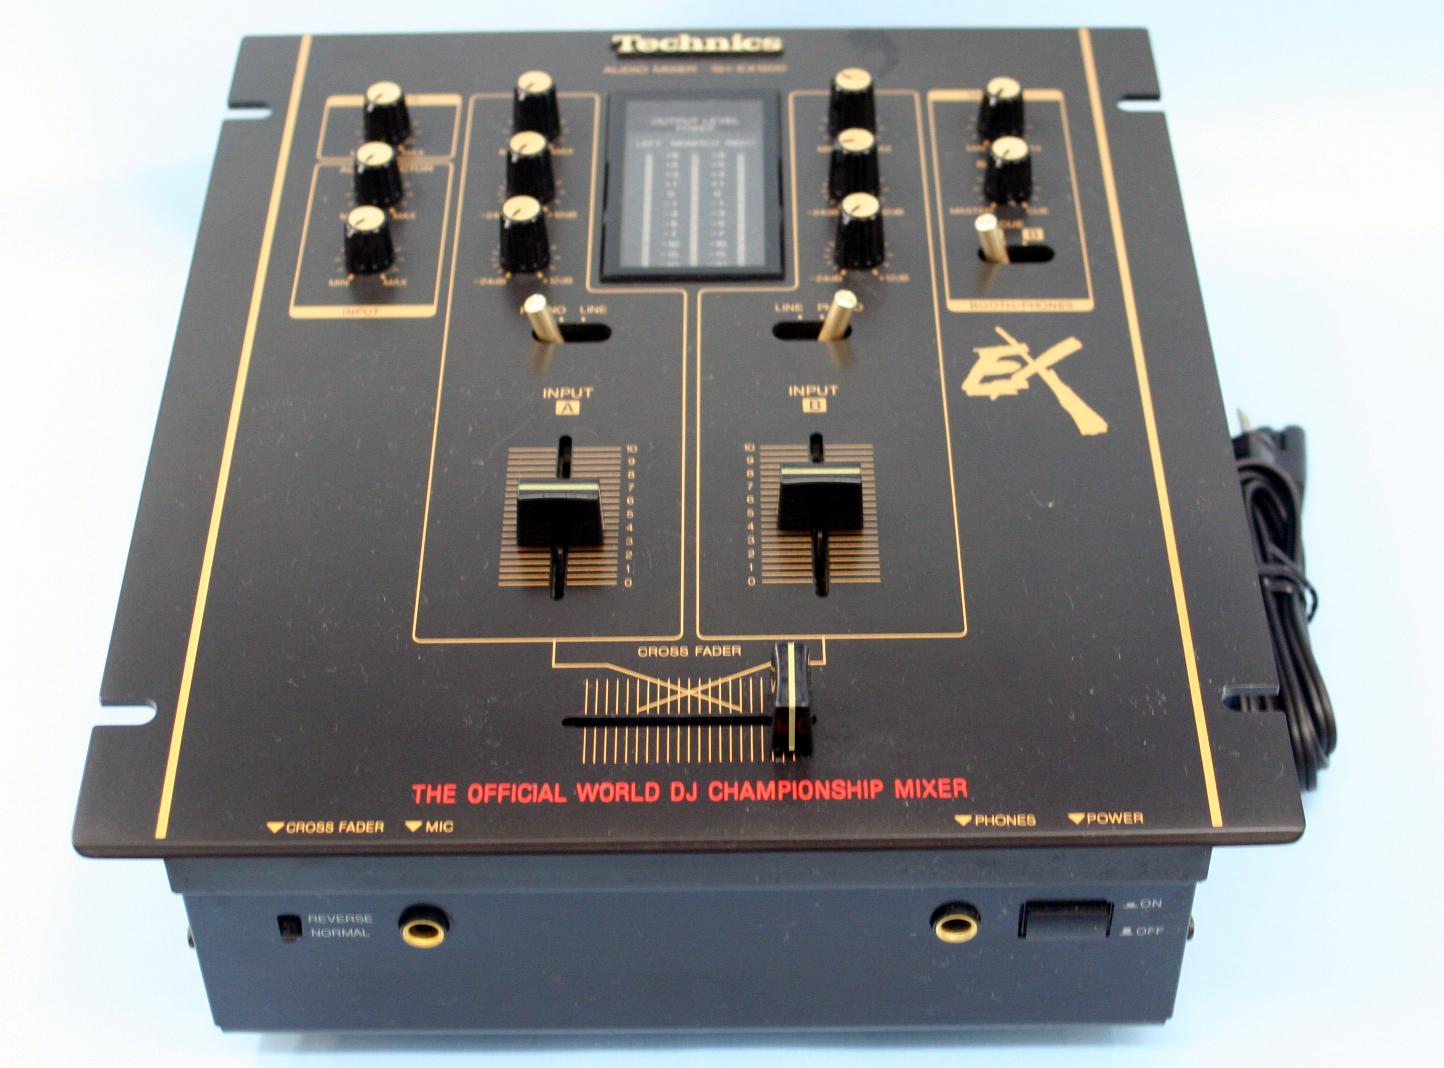 Technics DJミキサー SH-EX1200